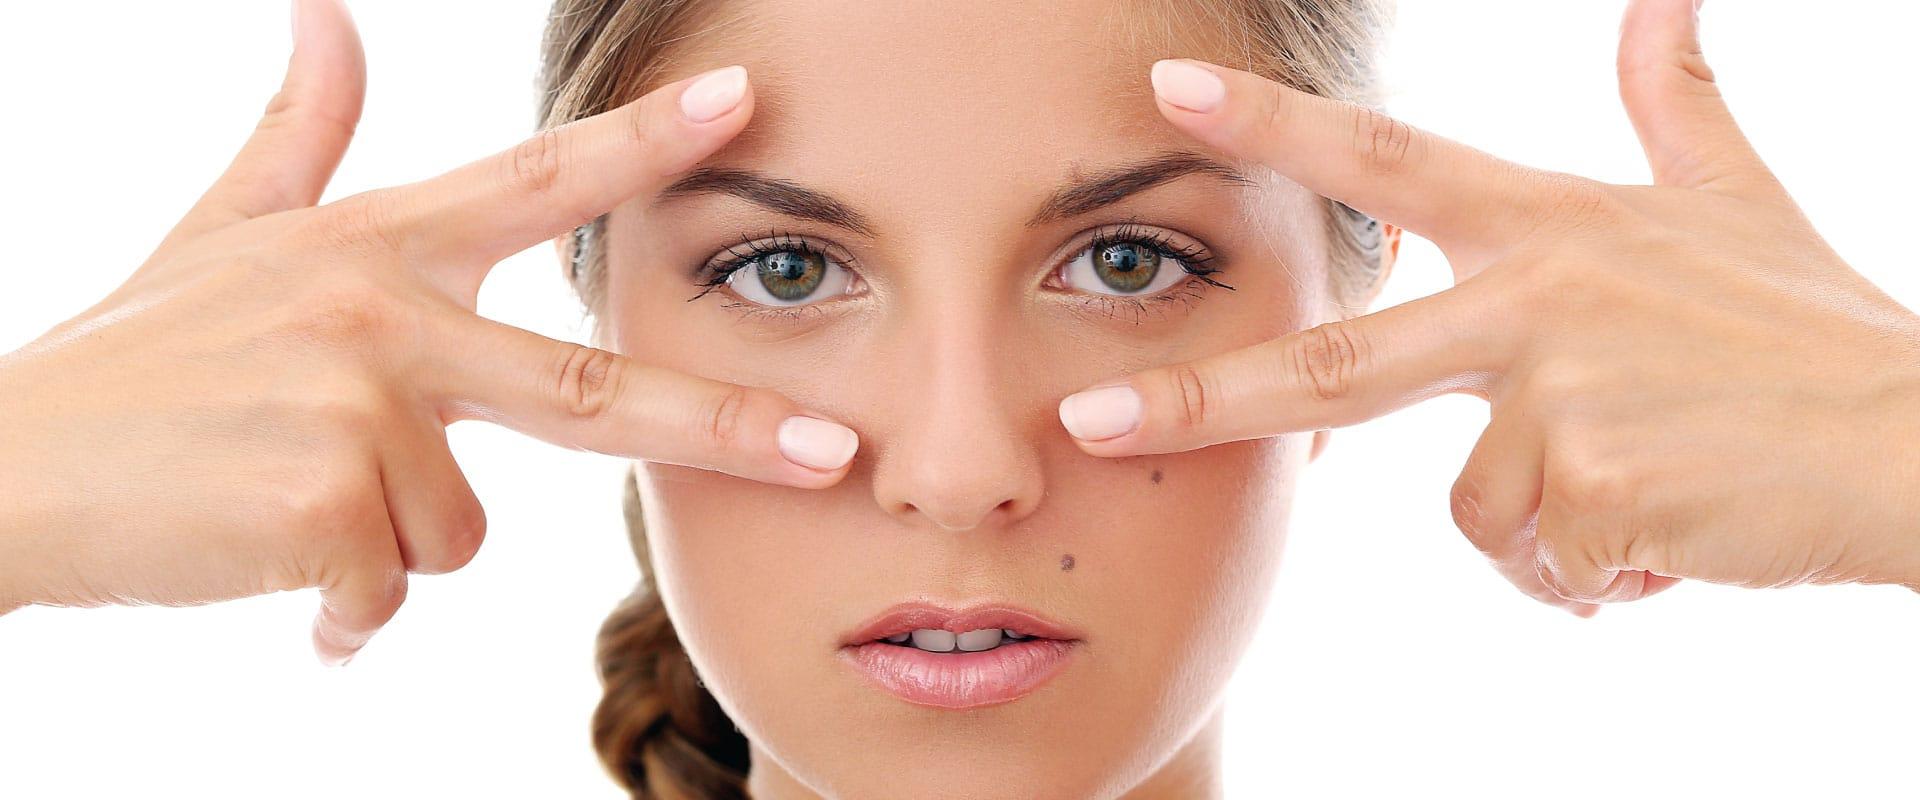 ¿Qué características tiene la piel del contorno de los ojos?